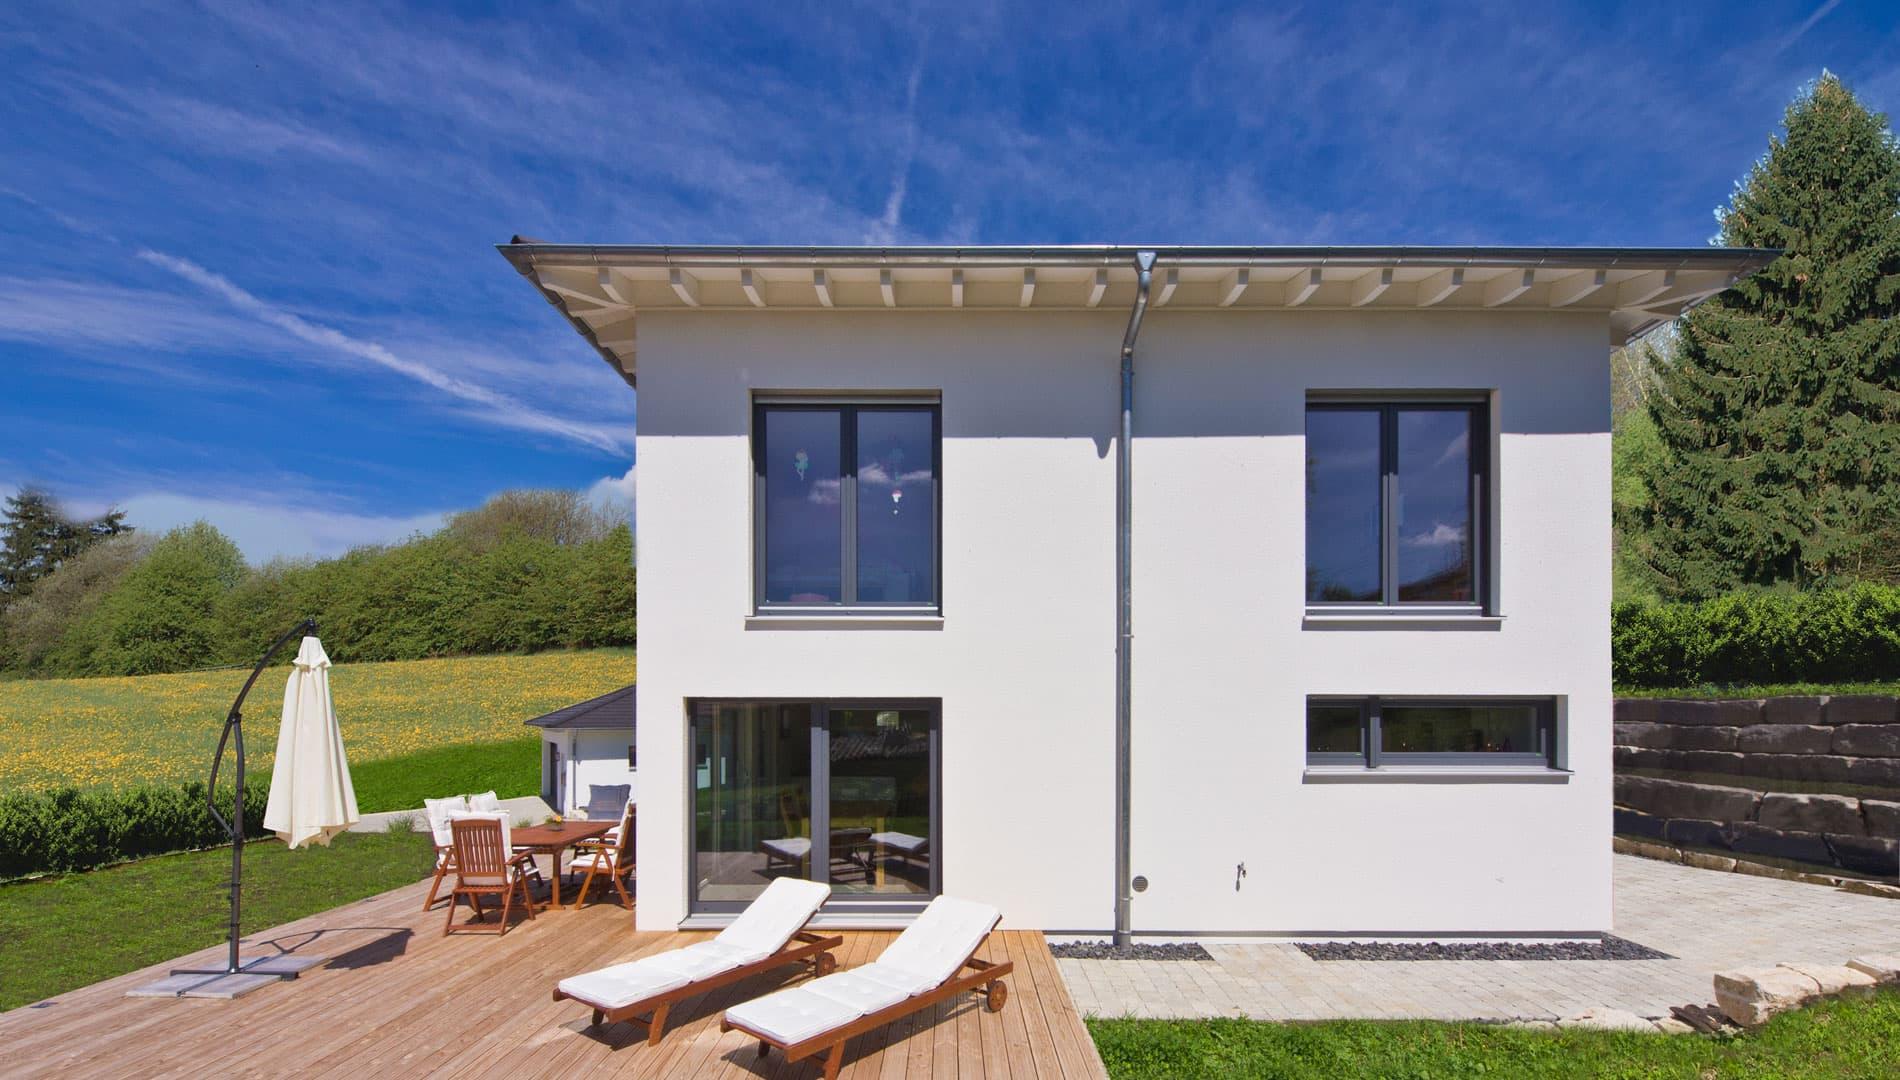 terrasse bauen oder mitsamt haus kaufen. Black Bedroom Furniture Sets. Home Design Ideas